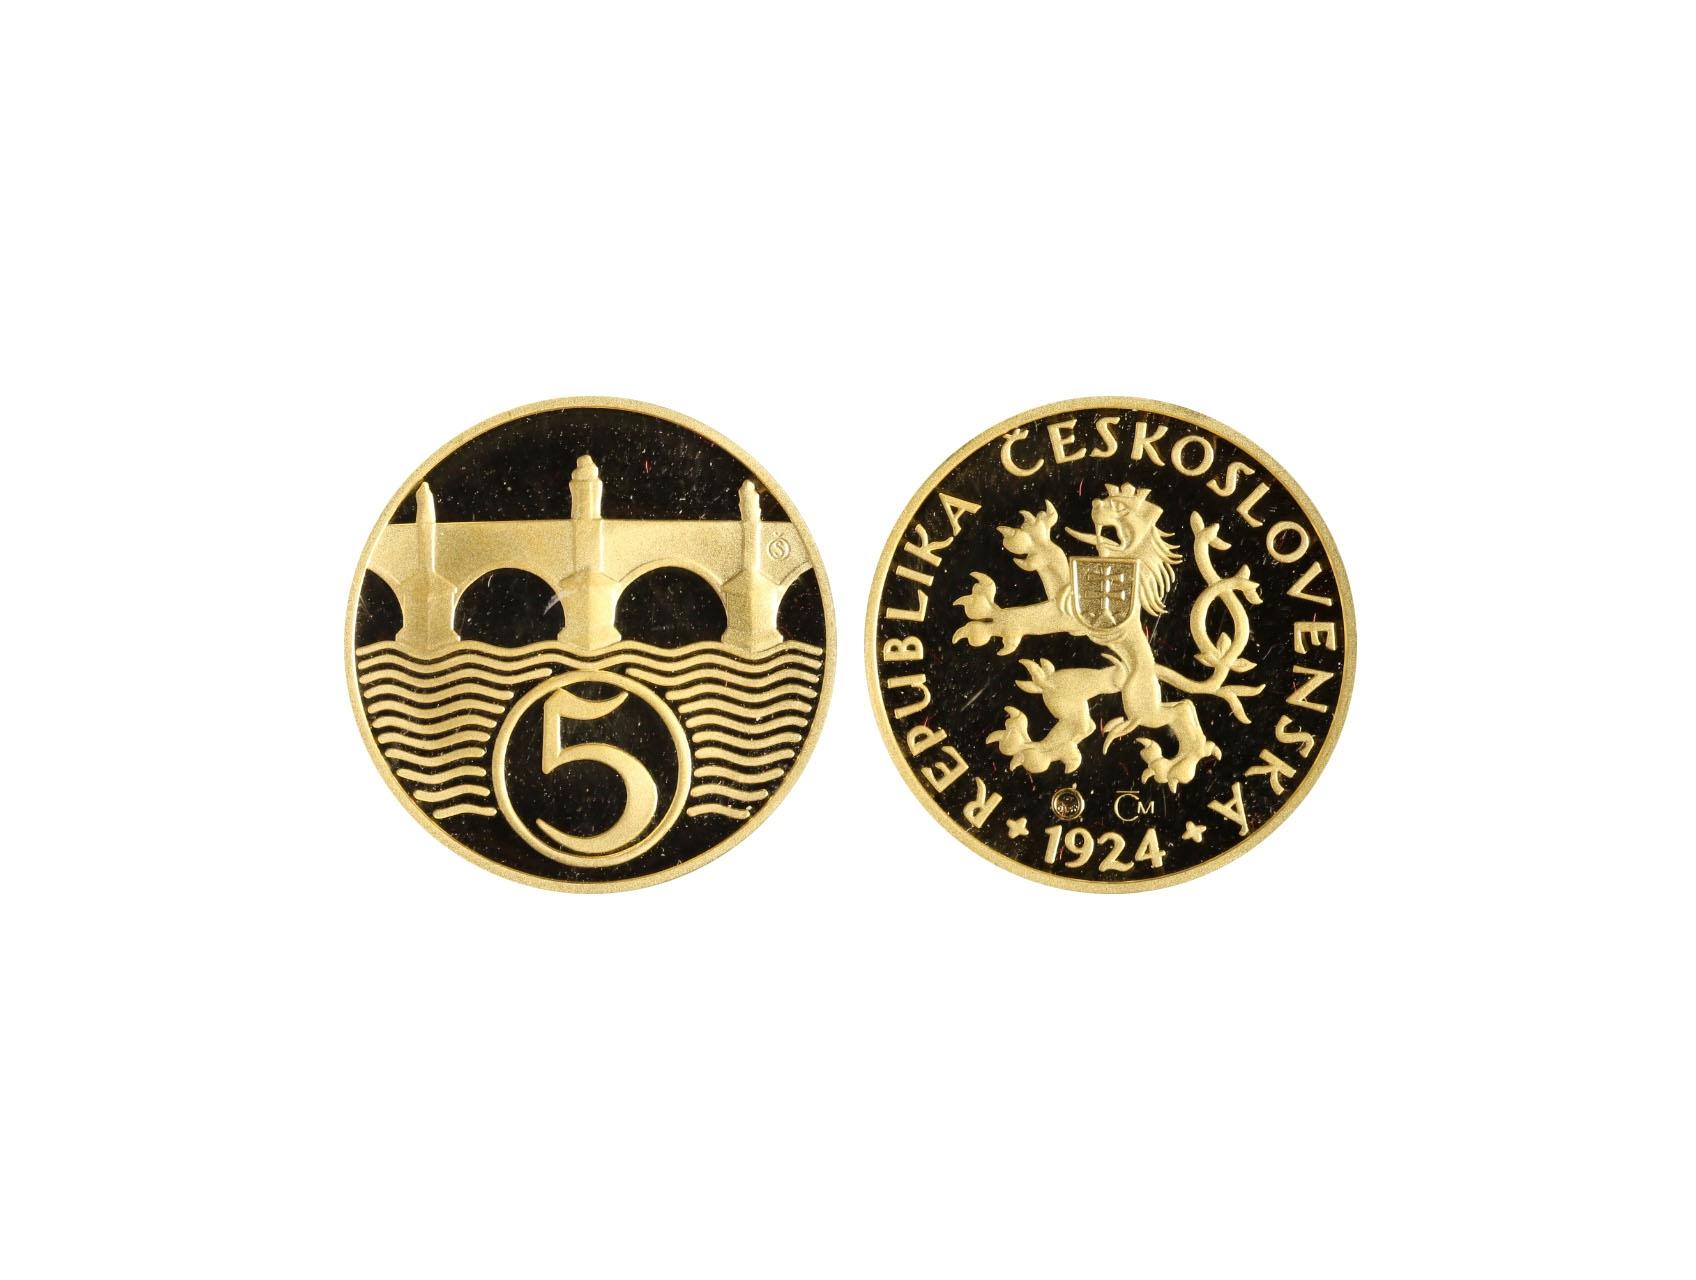 2007, Česká mincovna, zlatá medaile Replika 5 haléře z r. 1924, Au 0,999, 7,78g (1/4 UNZ), průměr 22mm, náklad 300 ks, etue